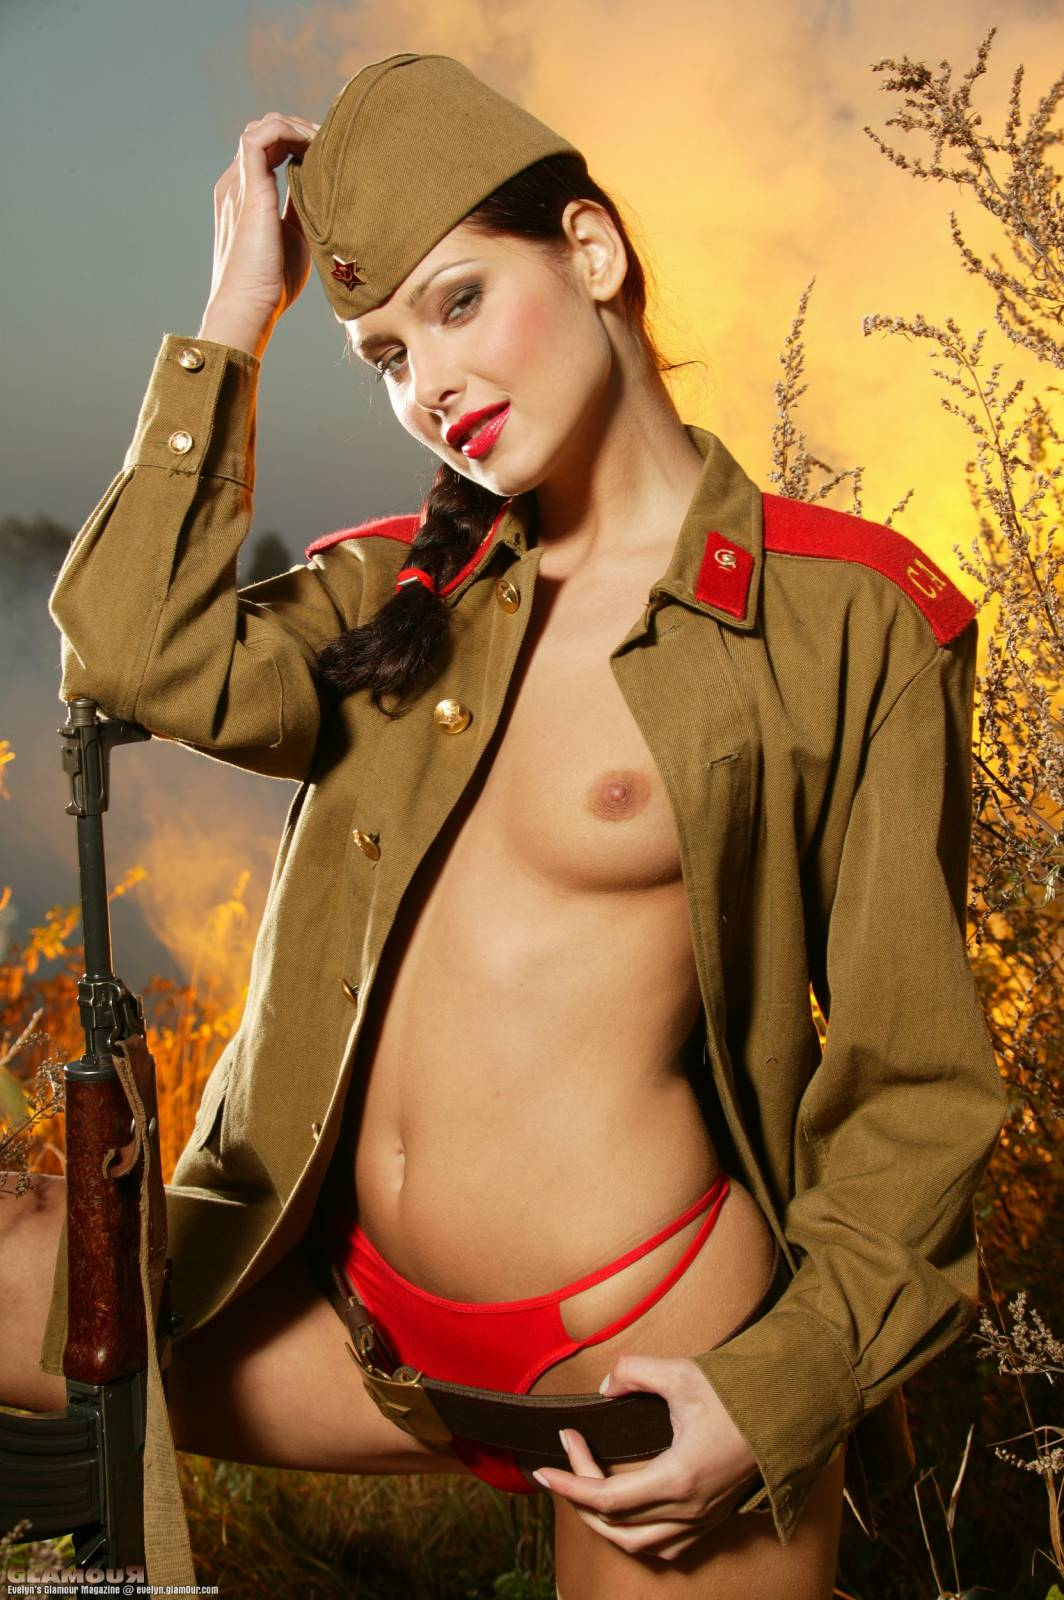 Порно онлайн с военными женщинами